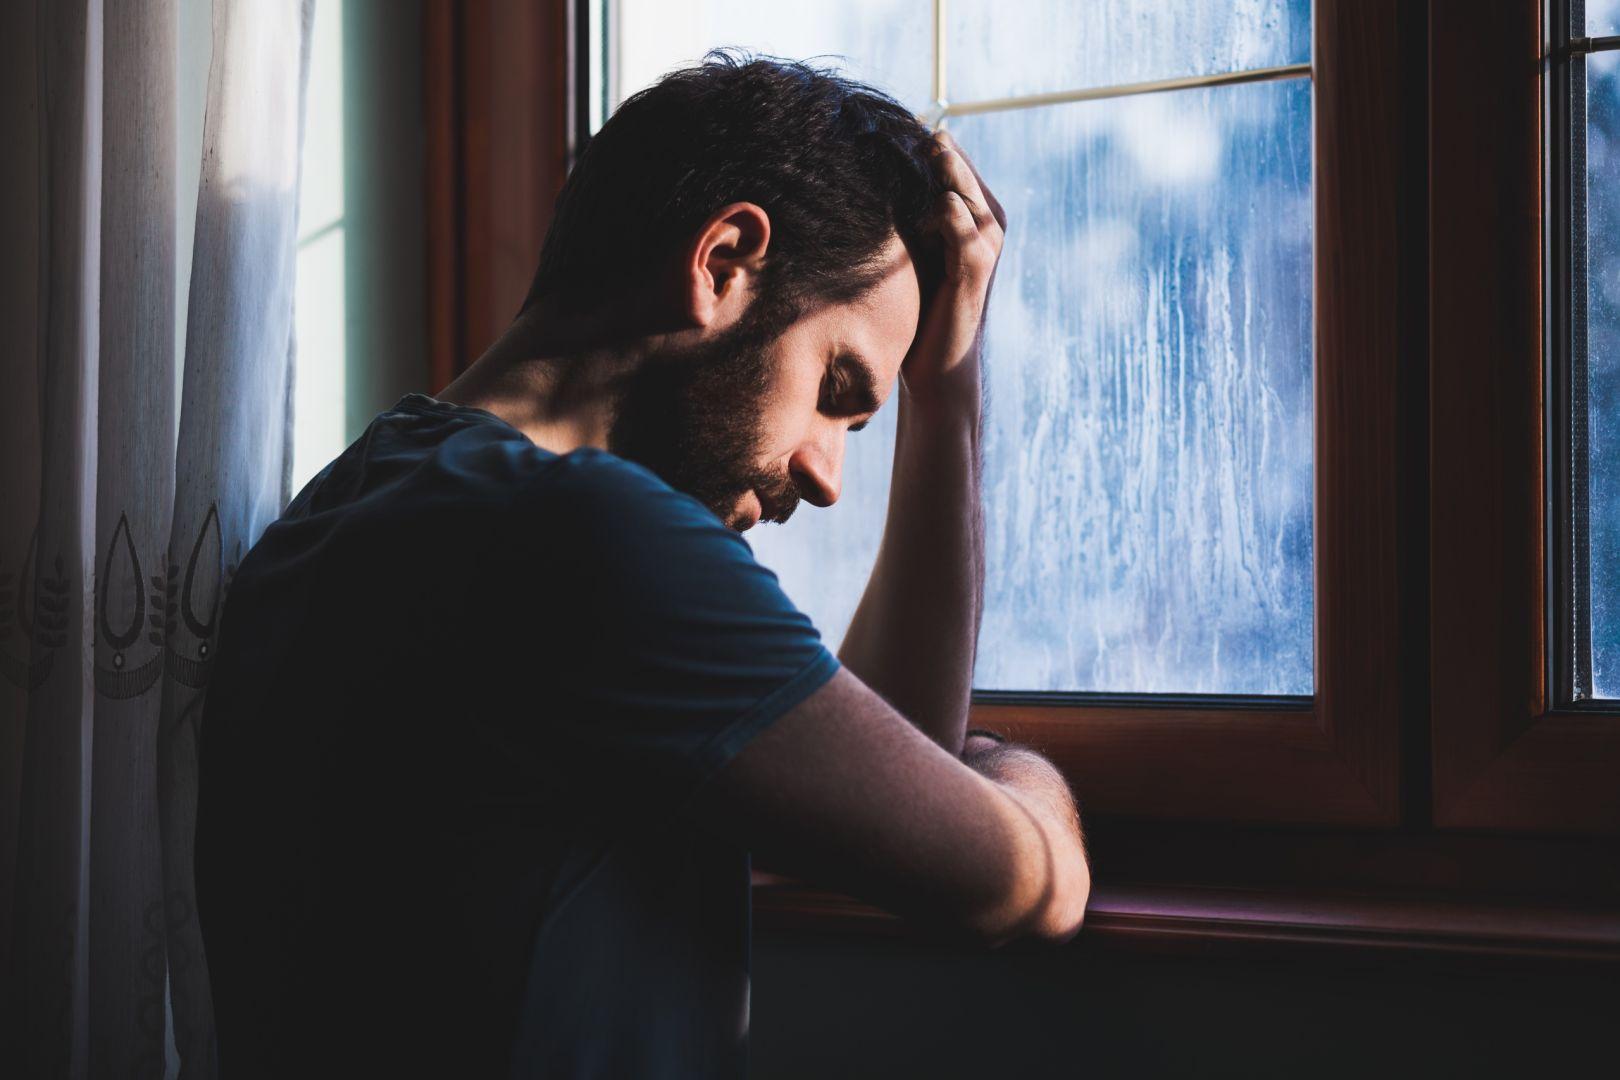 صور رجل حزين مااصعب حزن الرجال عبارات